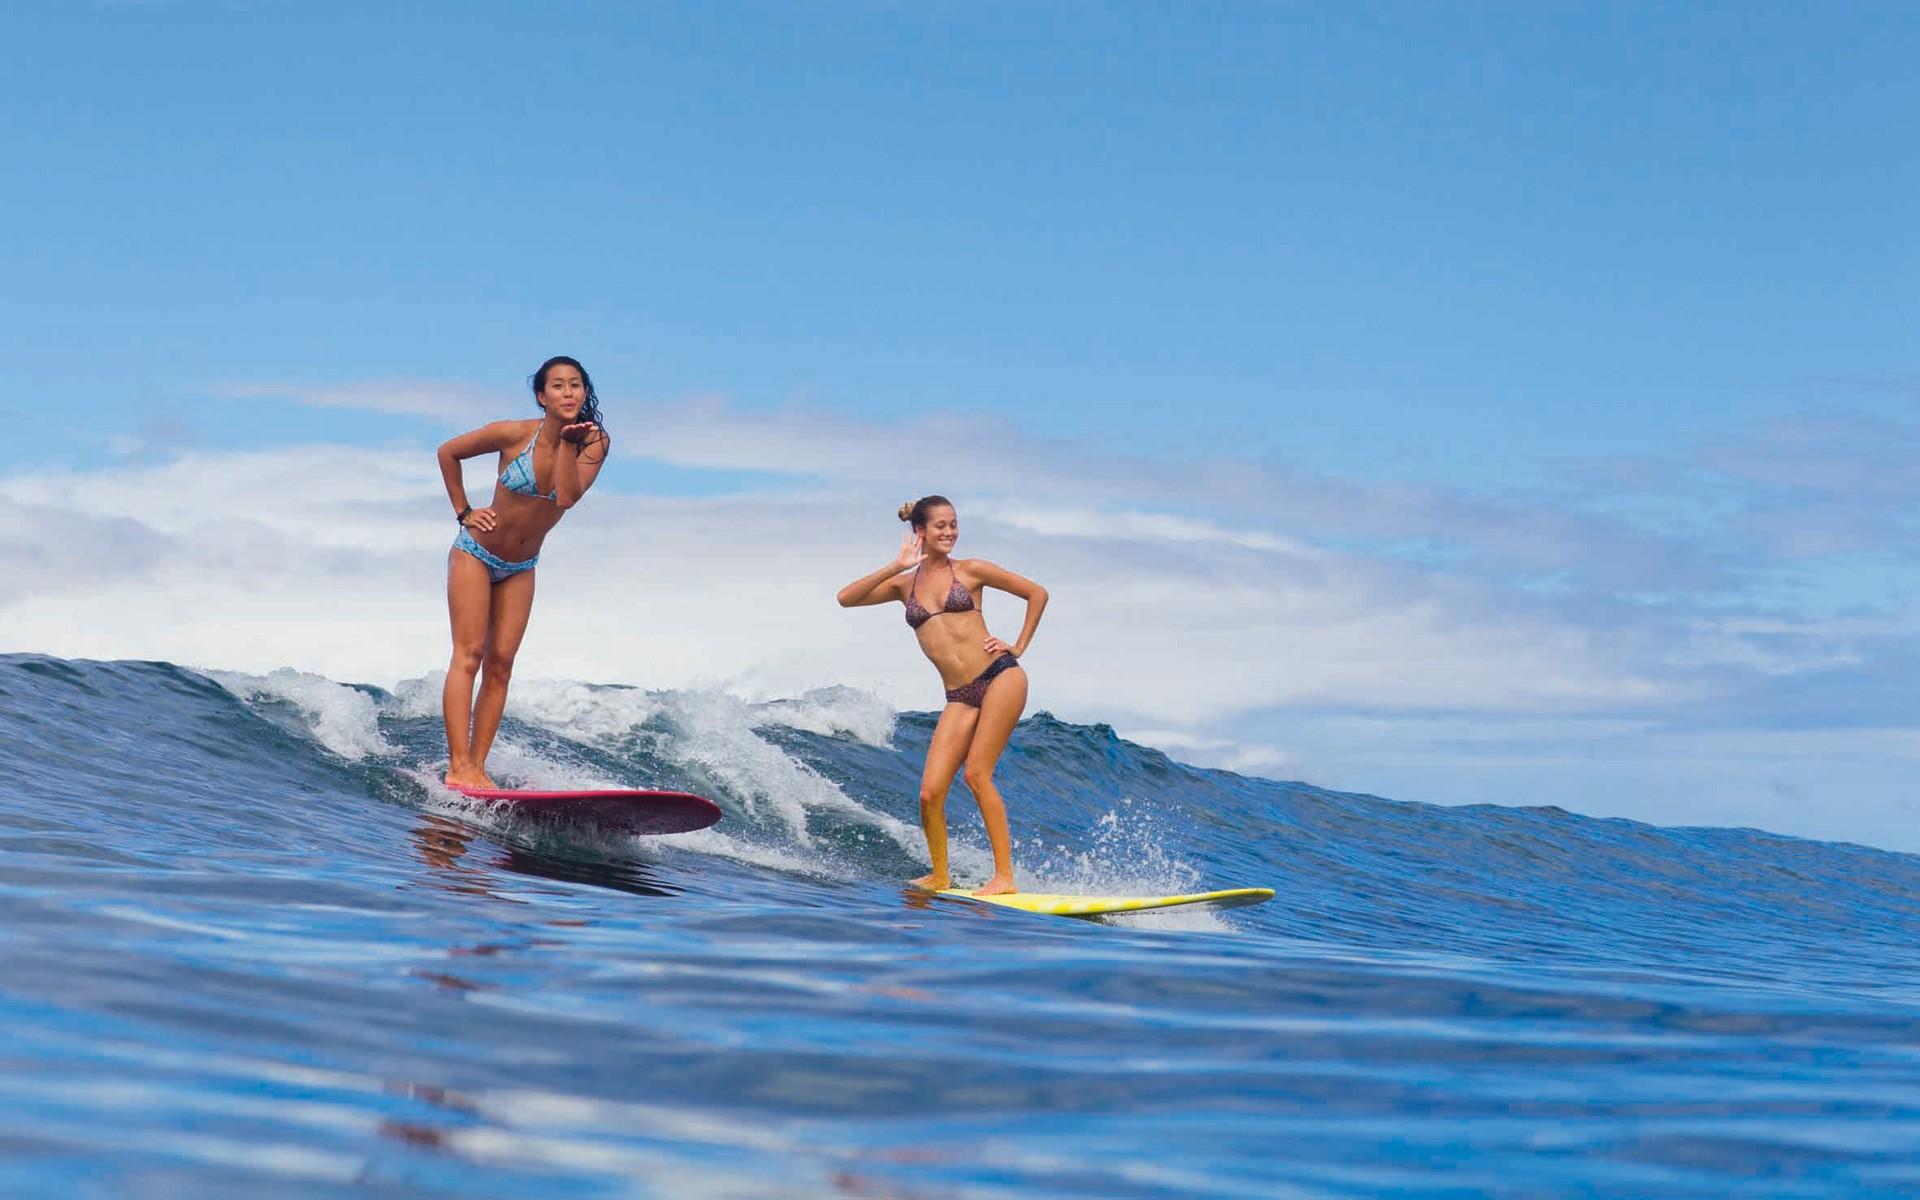 デスクトップ壁紙 屋外の女性 海 サーフボード ビキニ